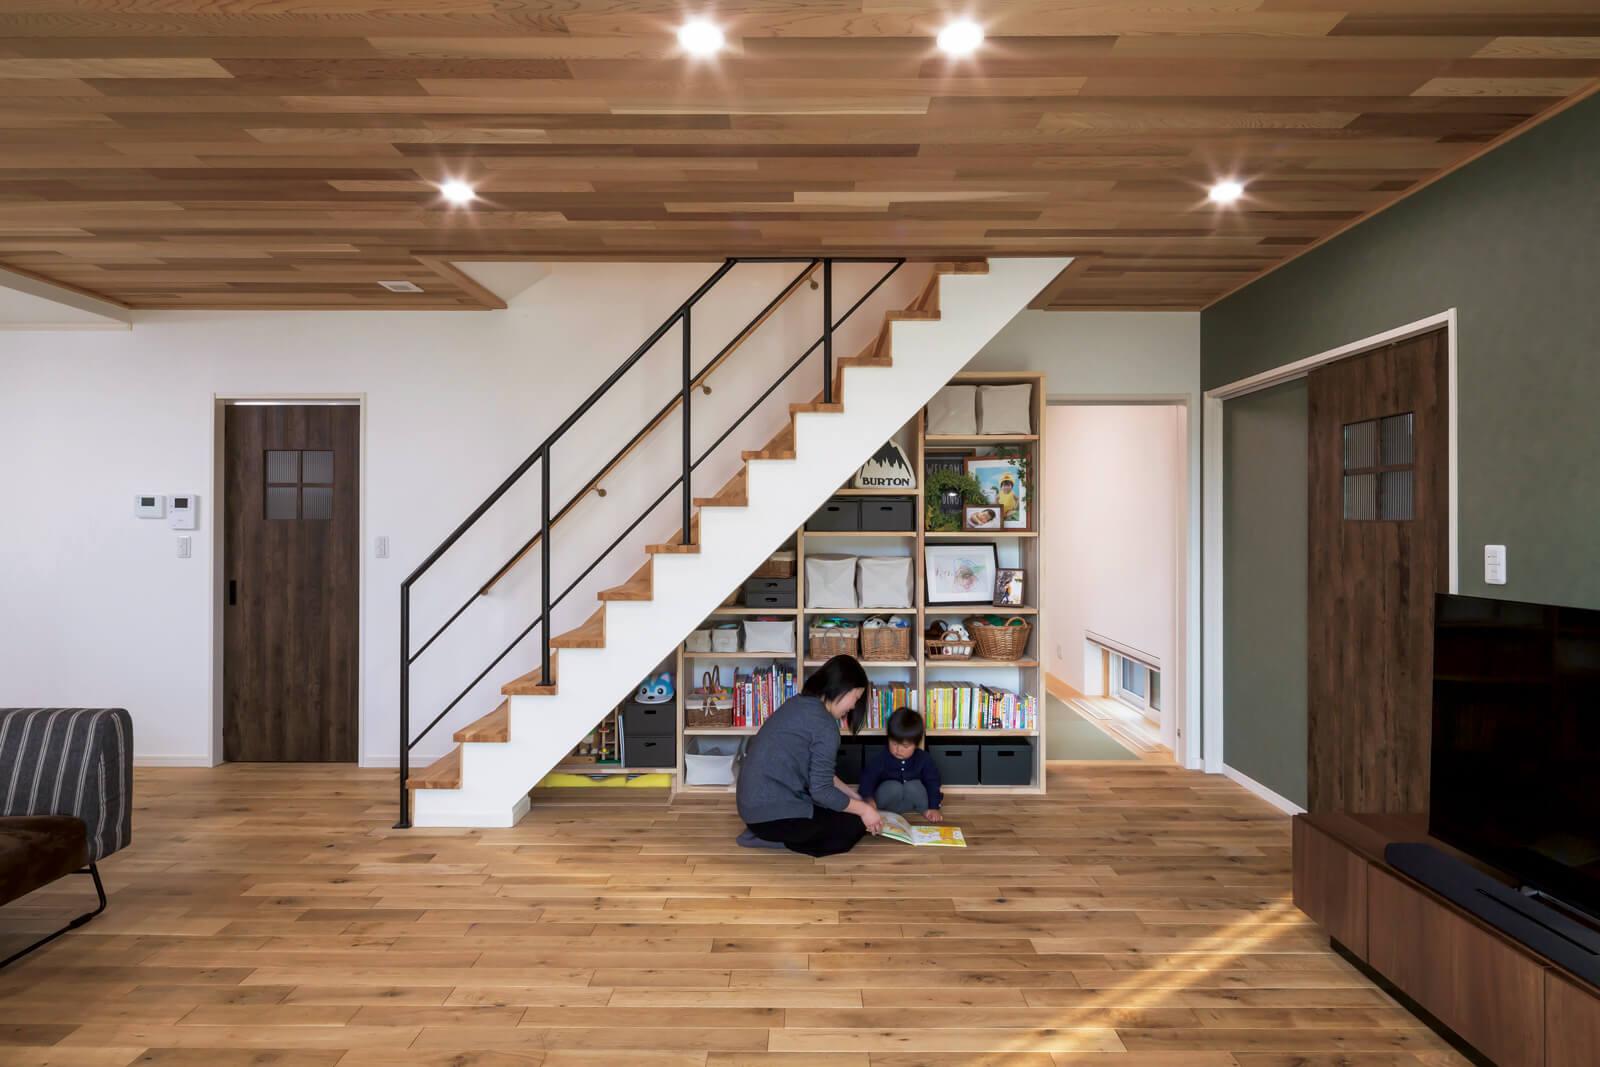 奥さんの希望で階段下に大容量のオープン収納を造作。棚の高さが調節でき、おもちゃや絵本もすっきり収納できる